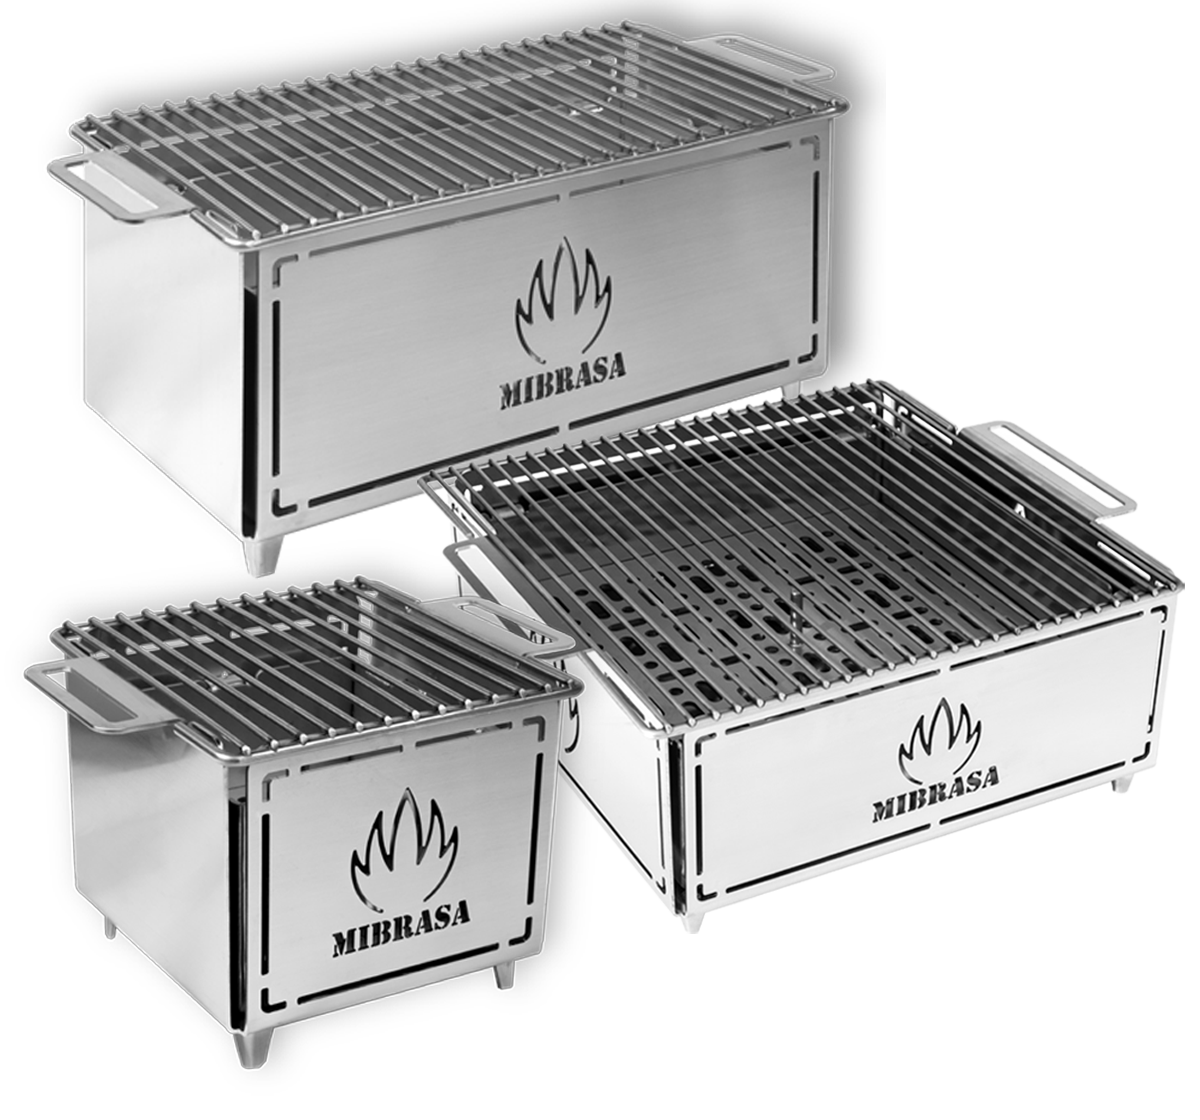 MIBRASA Hibachi is een draagbare mini grill